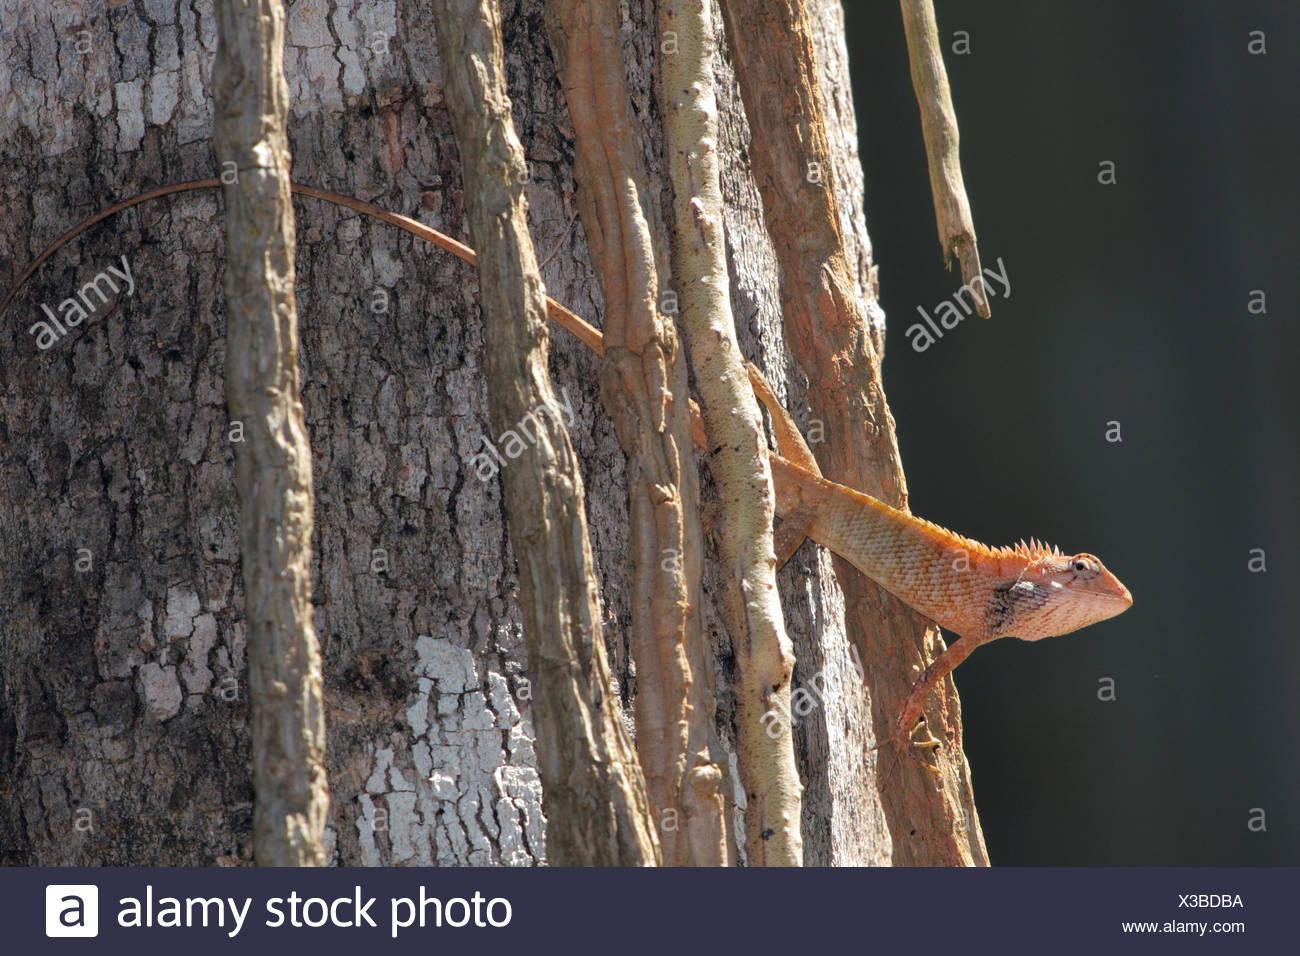 Gemeinsamen Blutsauger, indische Baum Eidechse, Garten Eidechse (Calotes versicolor), Hintergrundbeleuchtung bei einem Log, Thailand, Khao Lak-NP Stockfoto